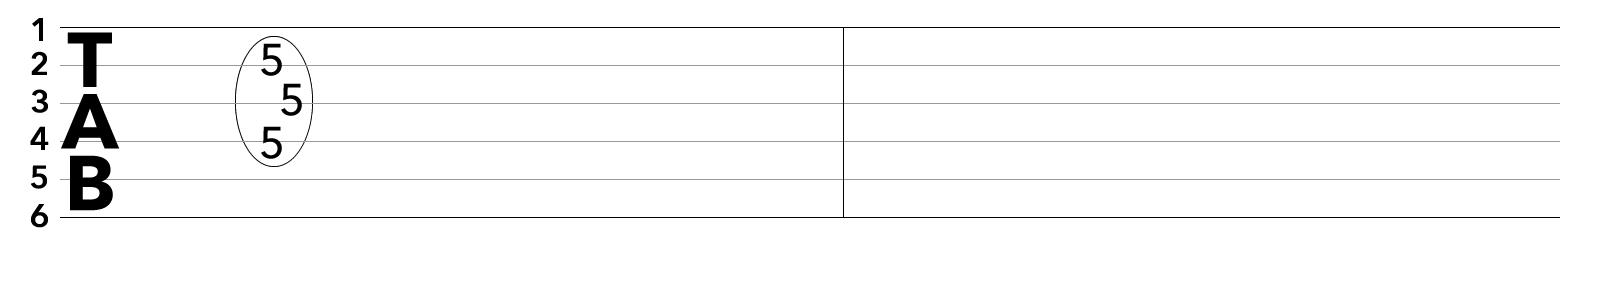 tab譜ブリッジミュートを使ったアルペジオの課題練習フレーズ2/2